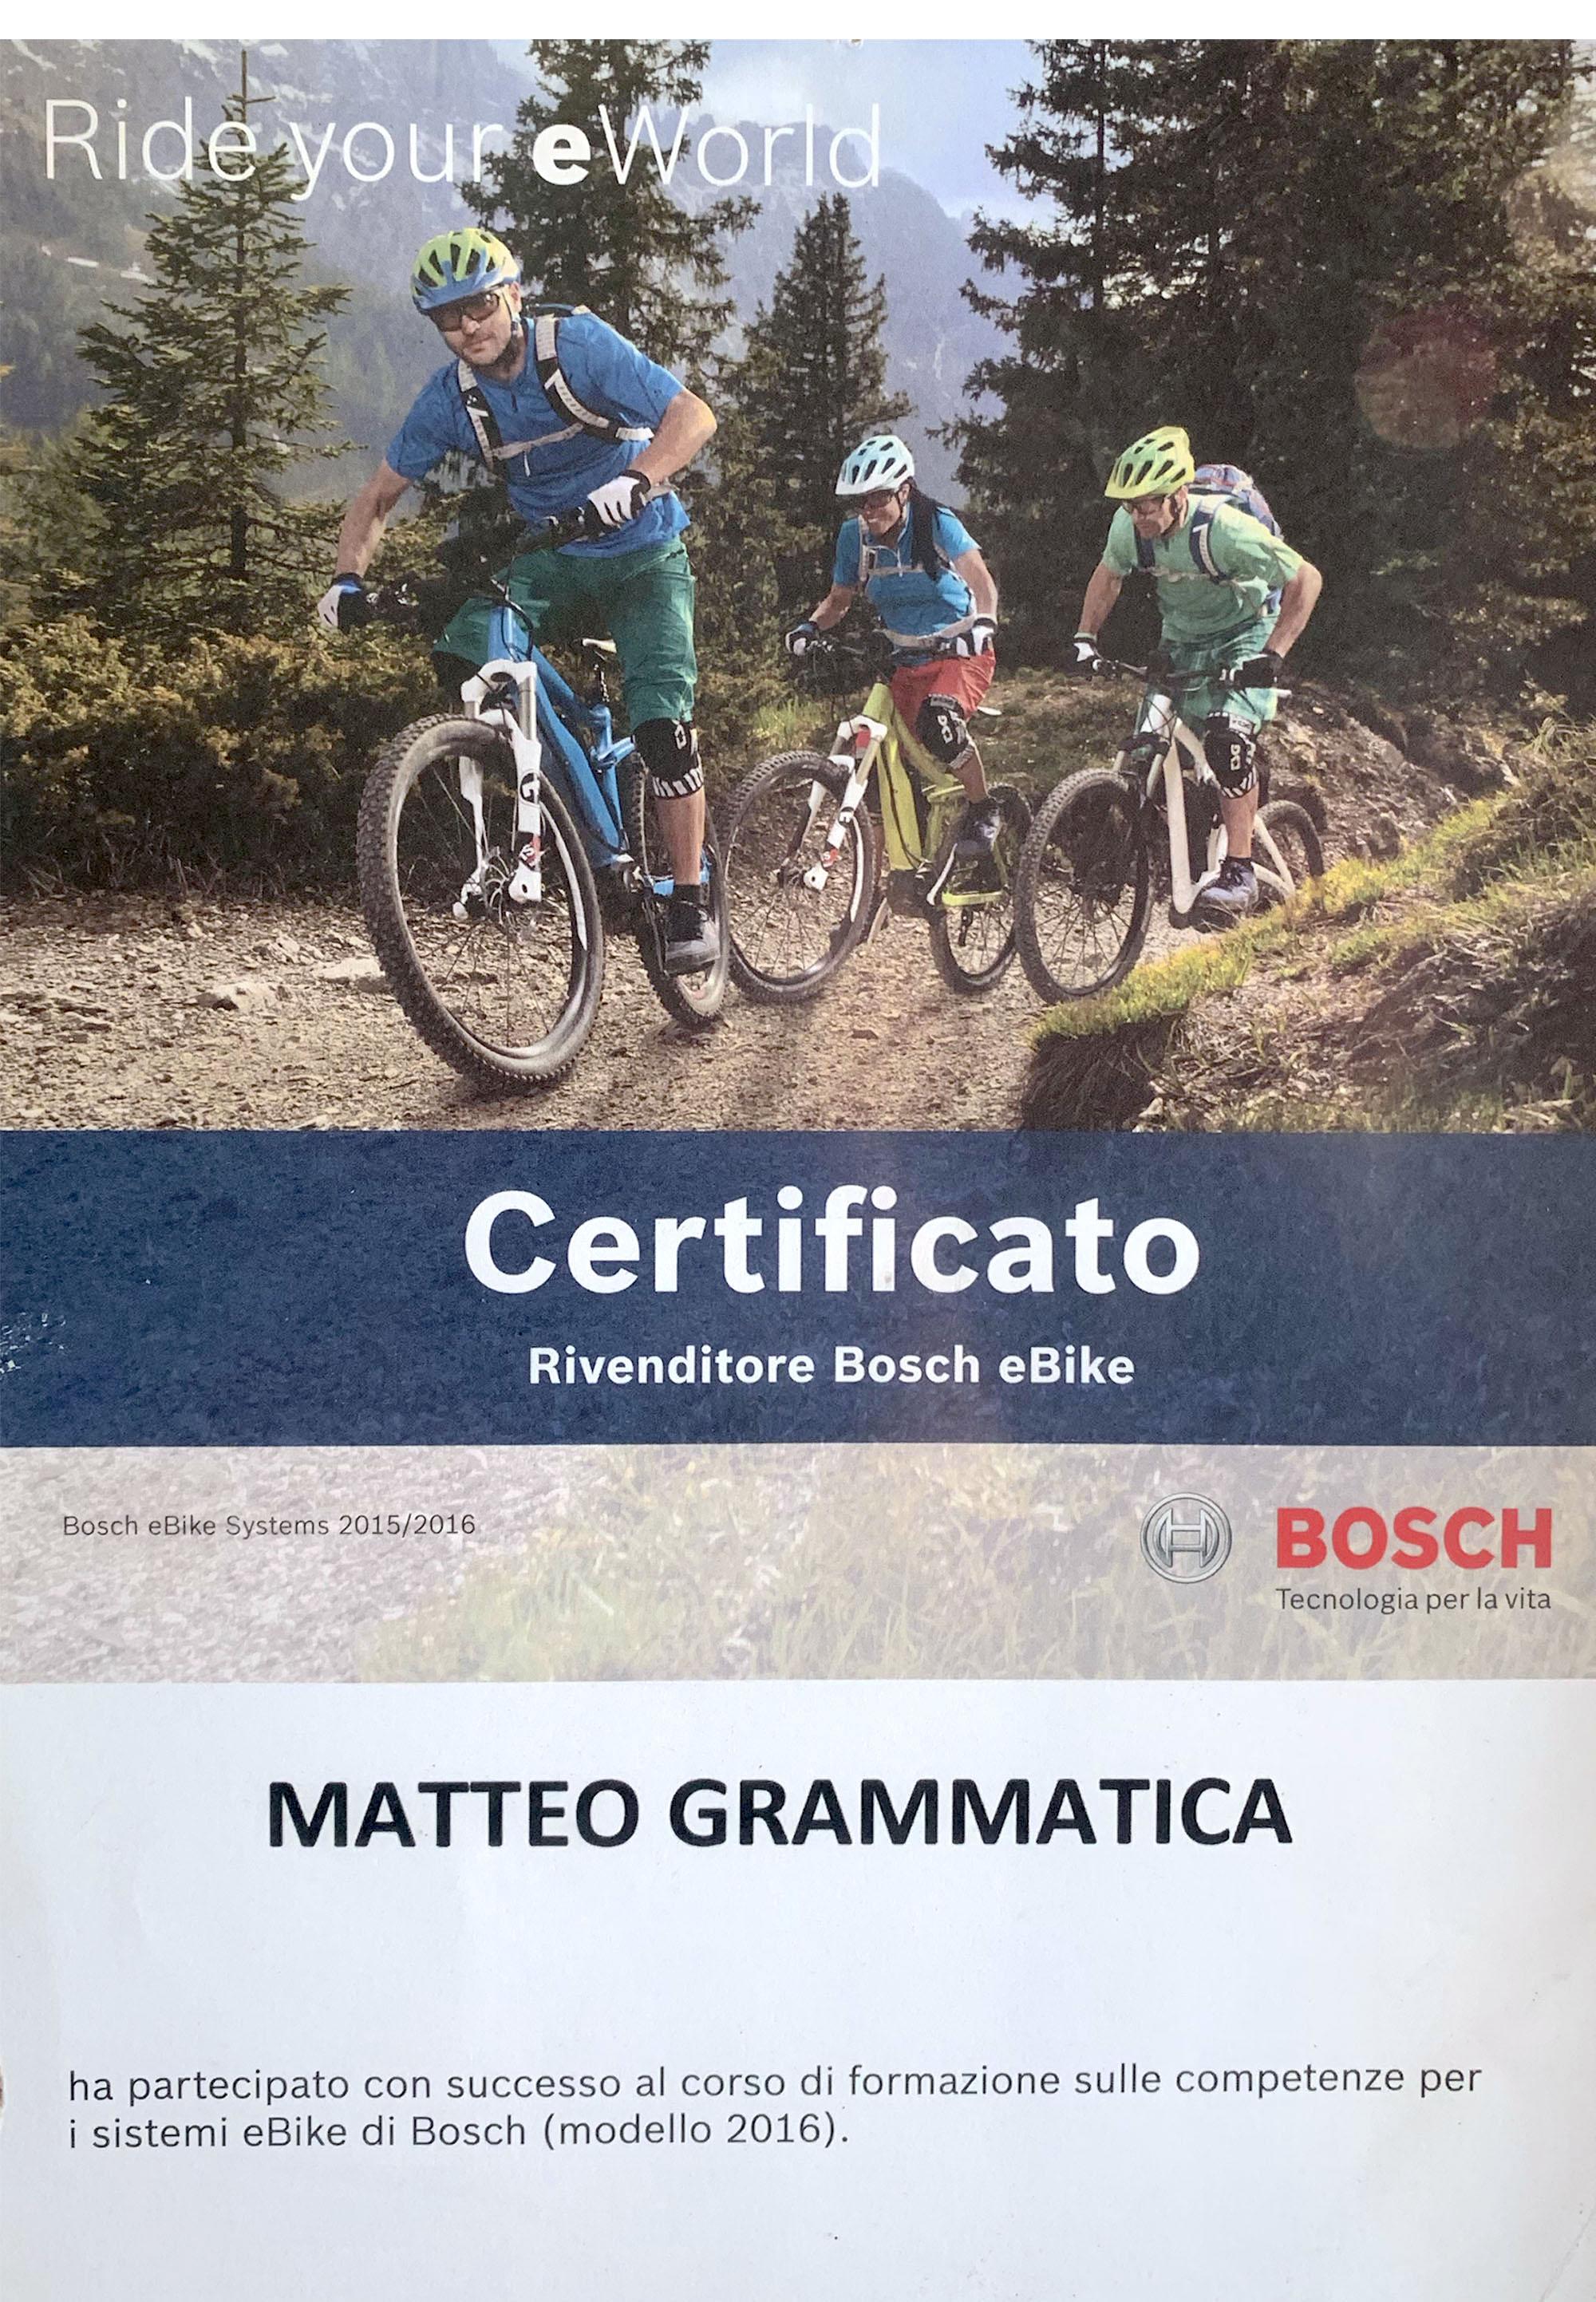 Cicli da Elio - rivendita assistenza Bosch ebike